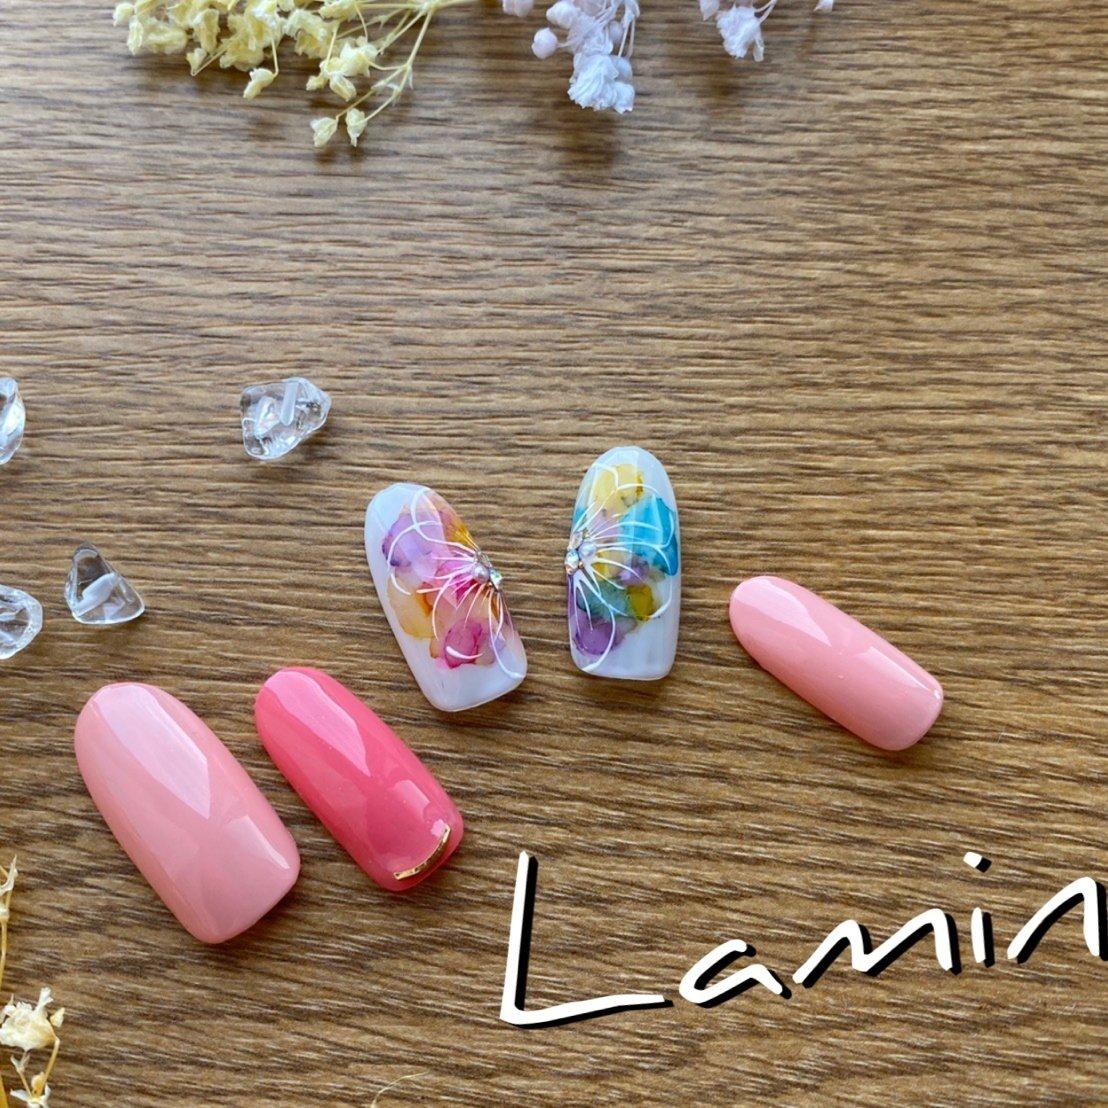 #Lamine #ネイルブック